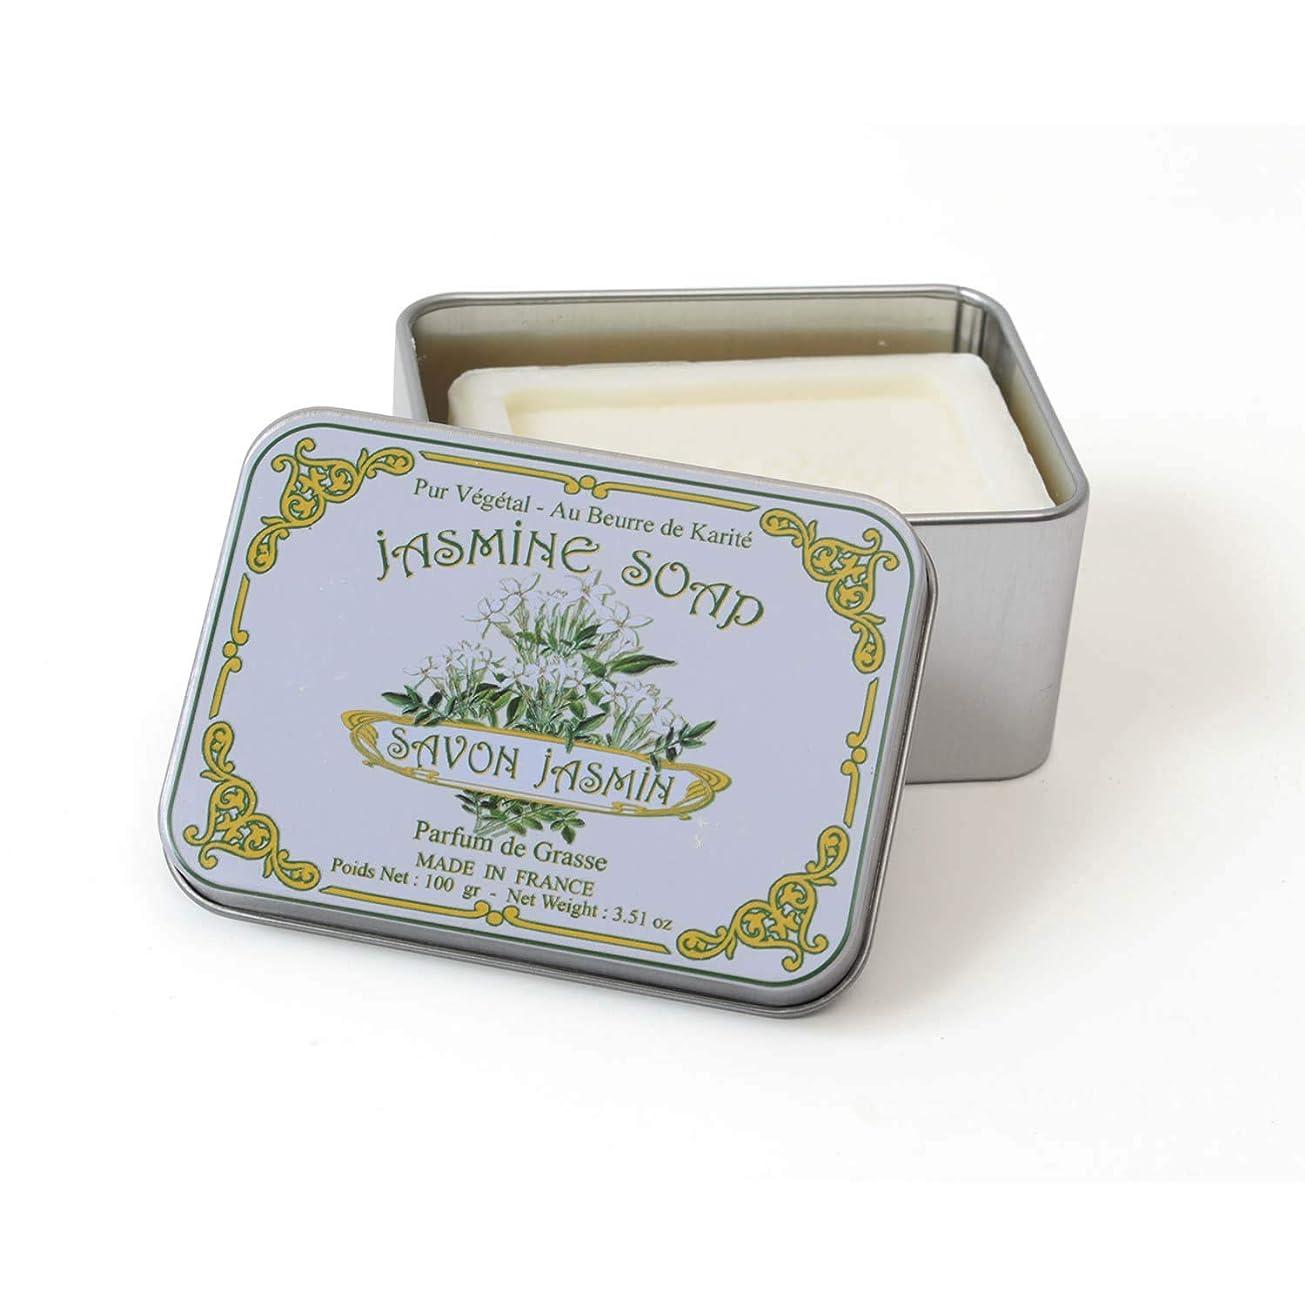 活力現象書士Le Blanc ルブランソープ ジャ スミンの香り